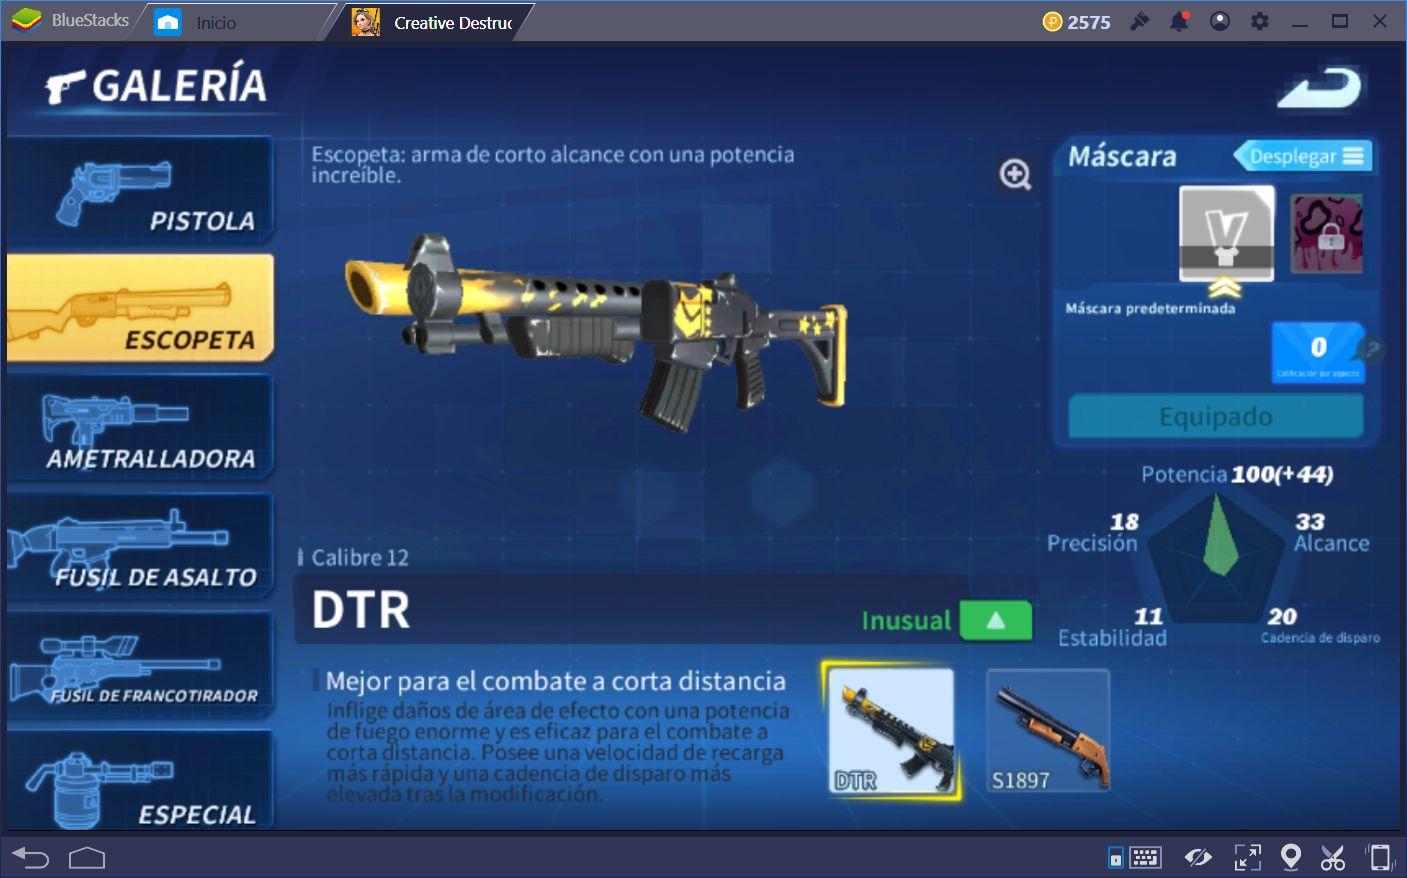 Las Mejores Armas Para Cada Ocasión en Creative Destruction